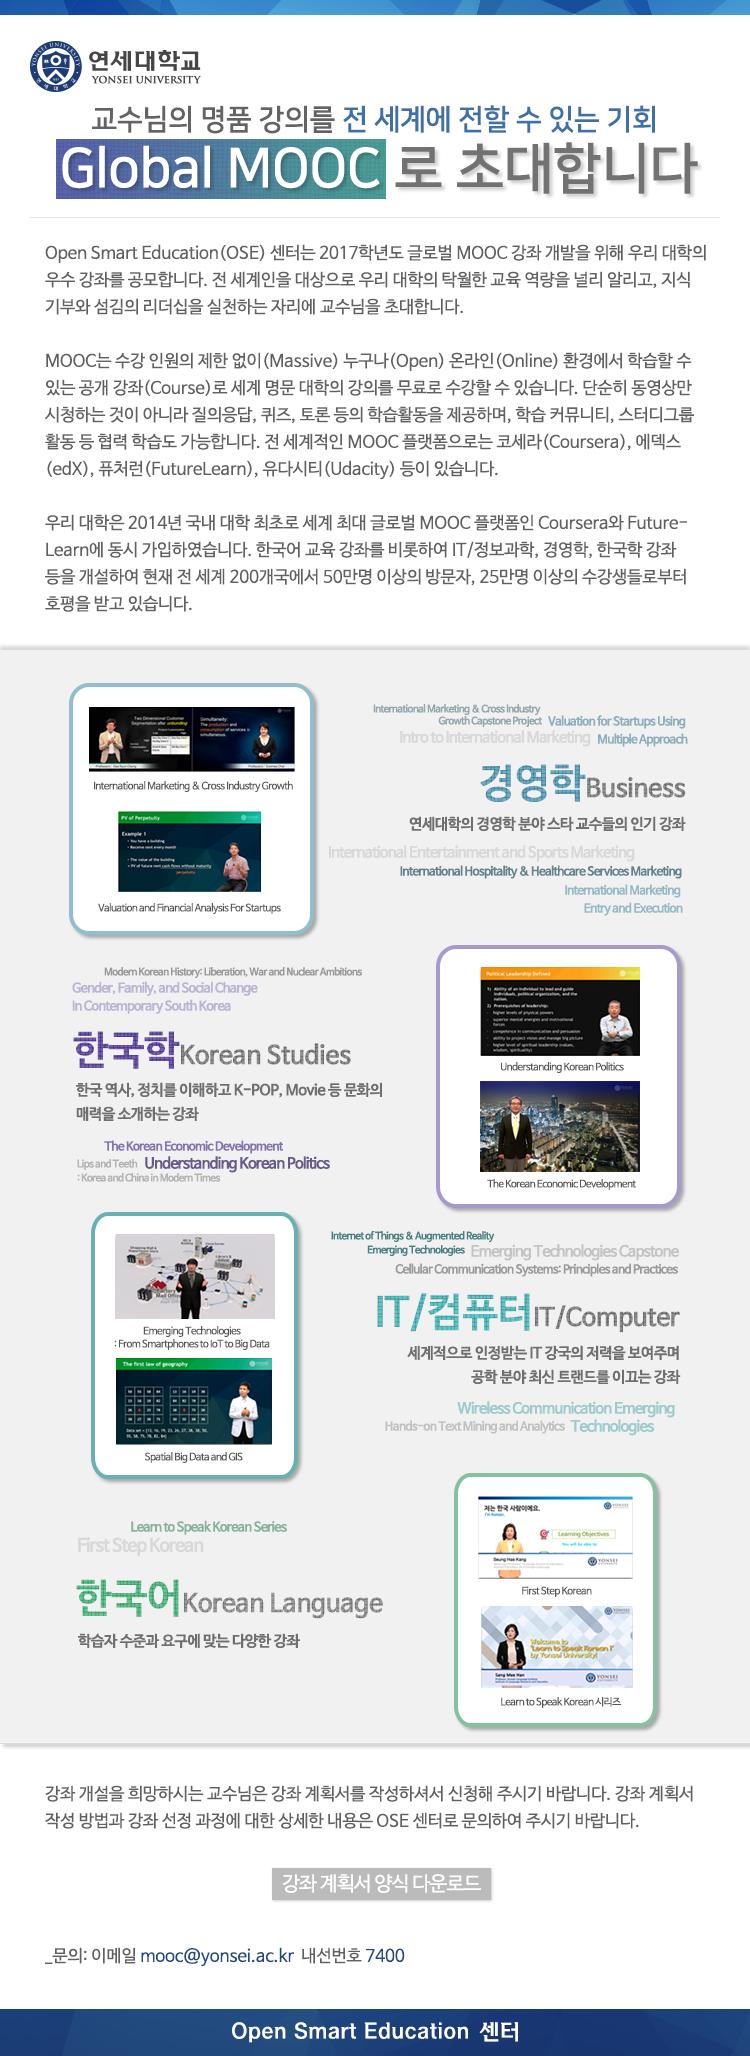 global-mooc_course